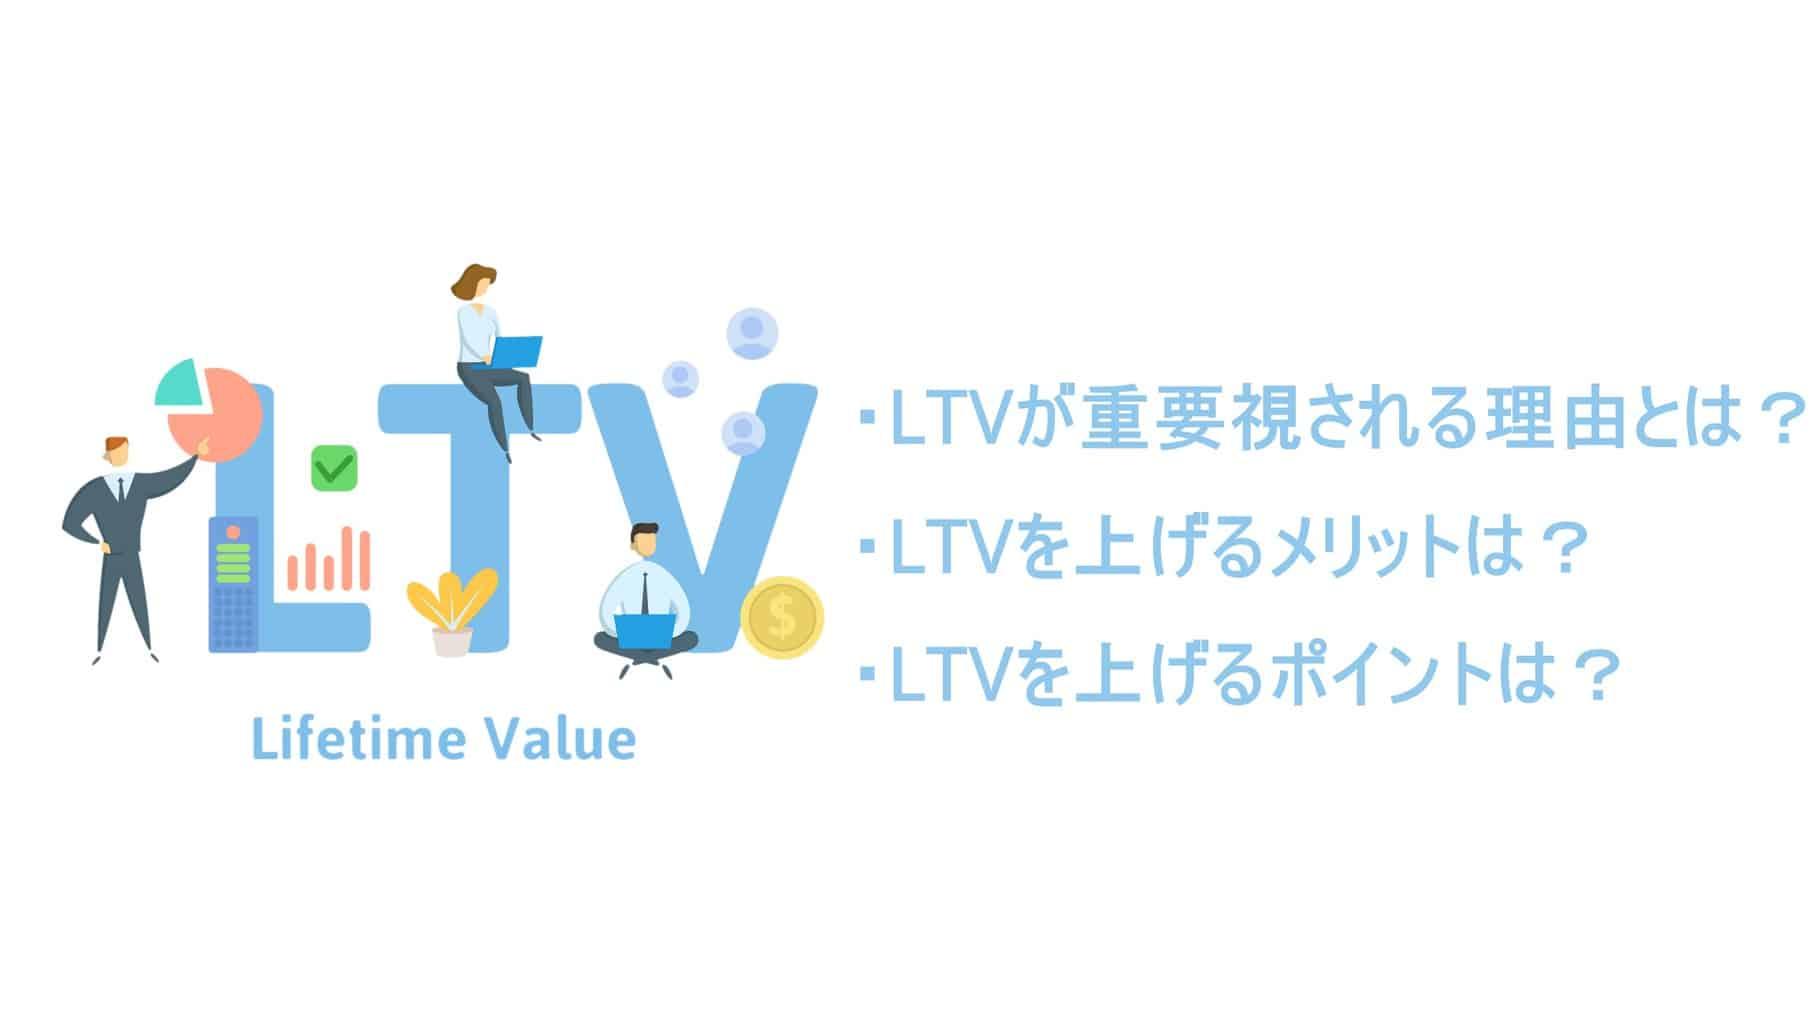 LTVを上げるためのポイントとは?LTVを上げる3つのメリットも解説!